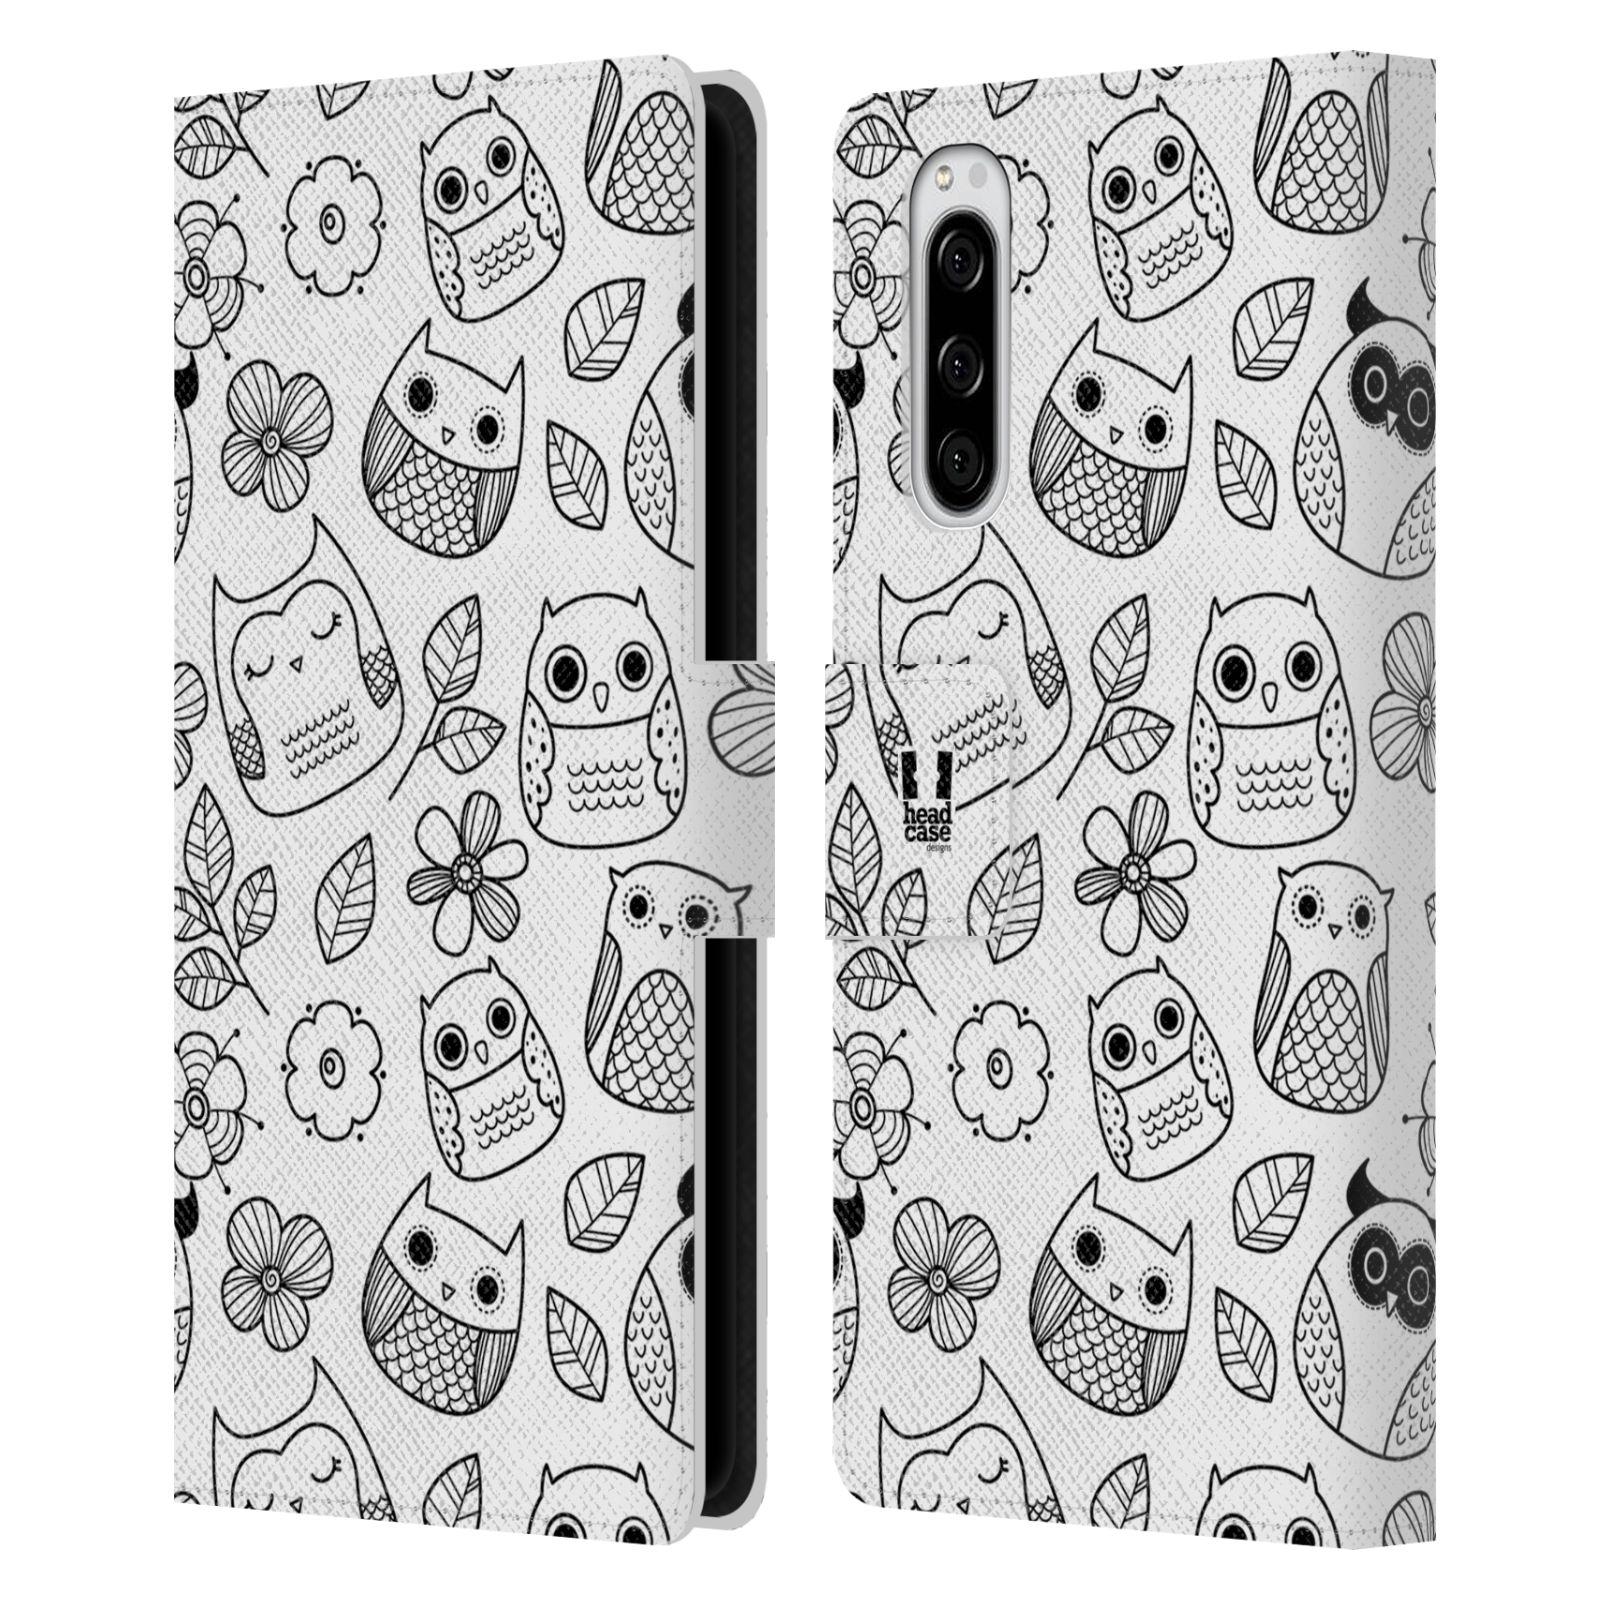 Pouzdro na mobil Sony Xperia 5 černobílé sovičky kreslené květiny a sovičky bílá